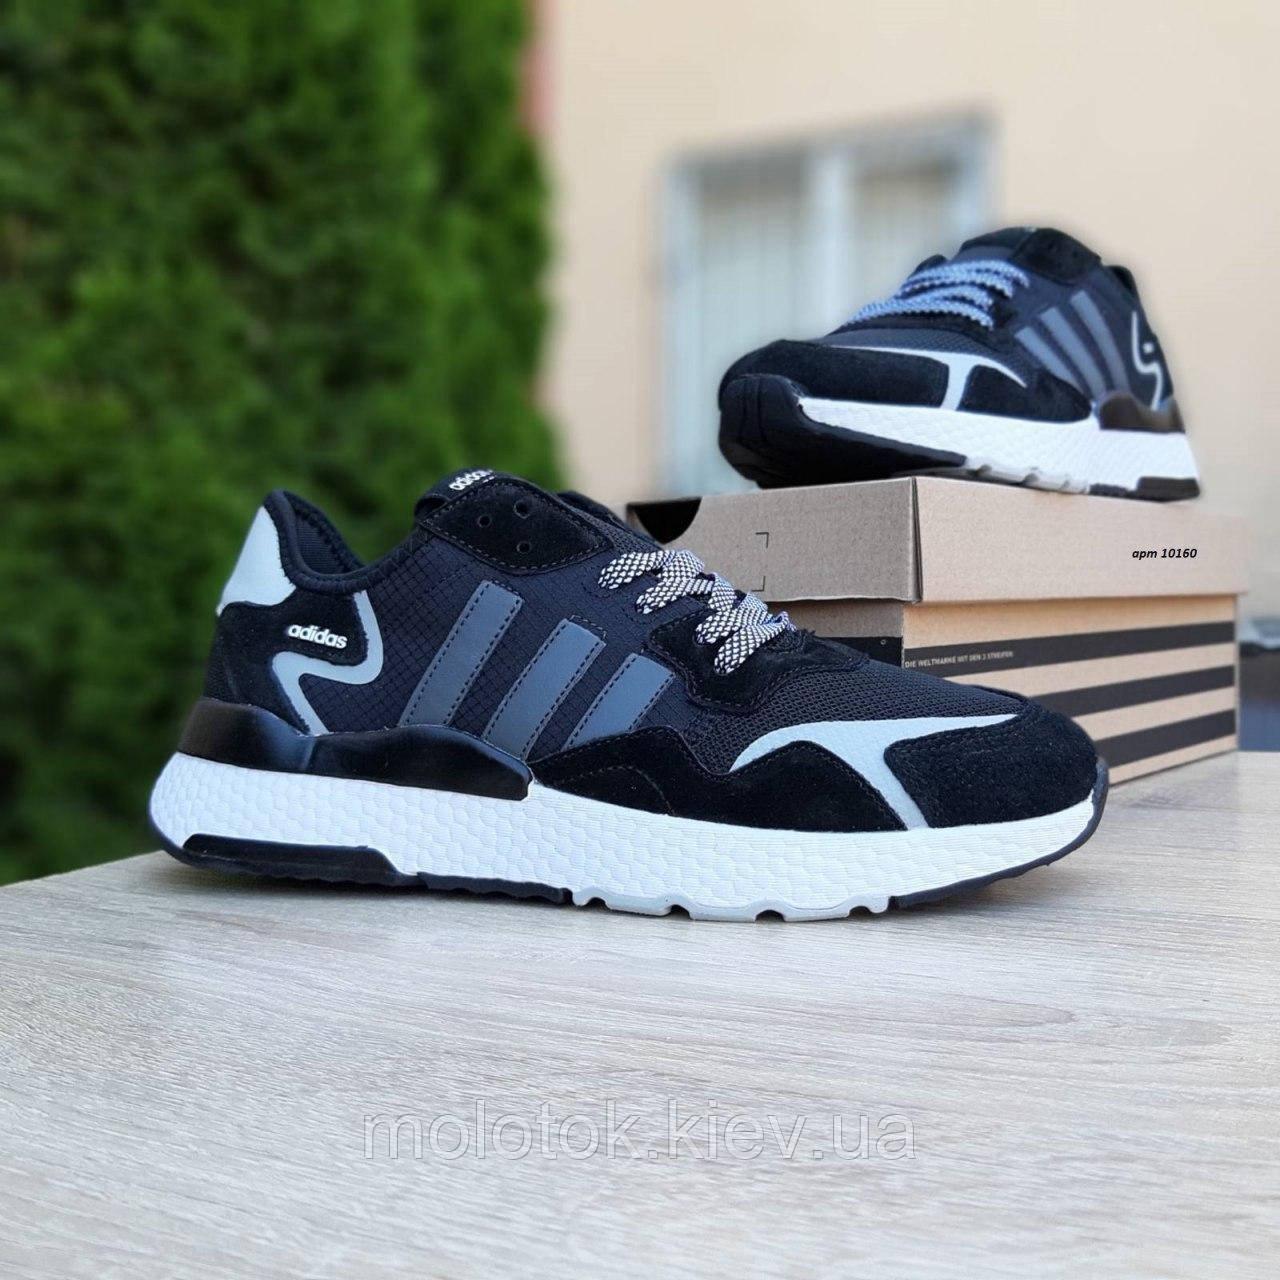 Мужские кроссовки в стиле Adidas  Nite Jogger чёрные на белой